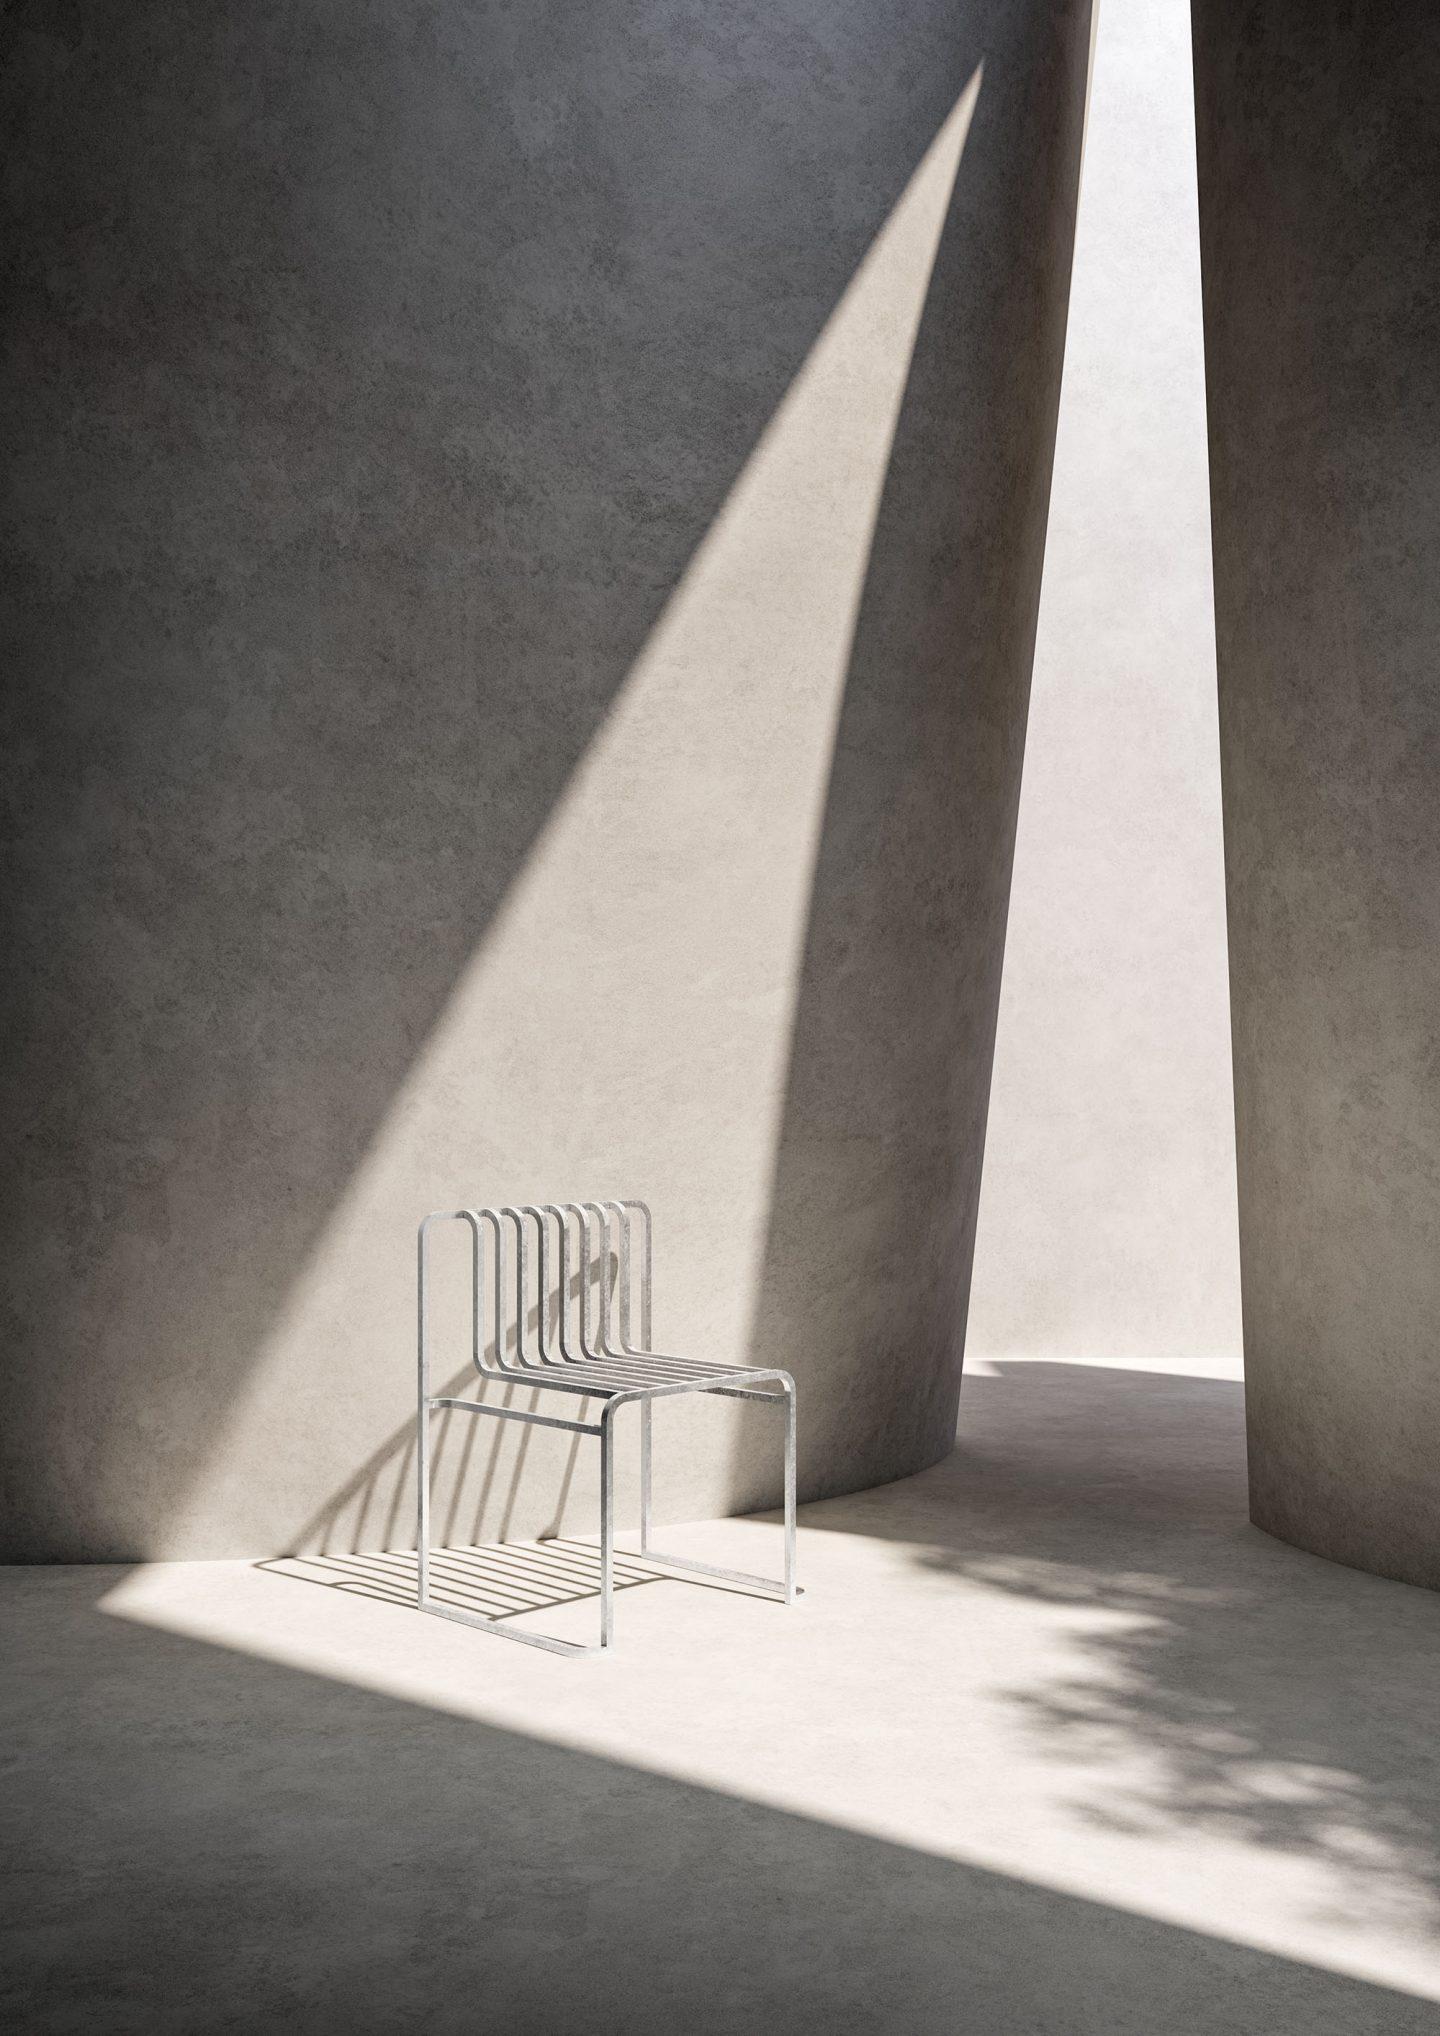 IGNANT-Design-MUTStudio-3D-Massimo-Colonna-Grill-Diabla